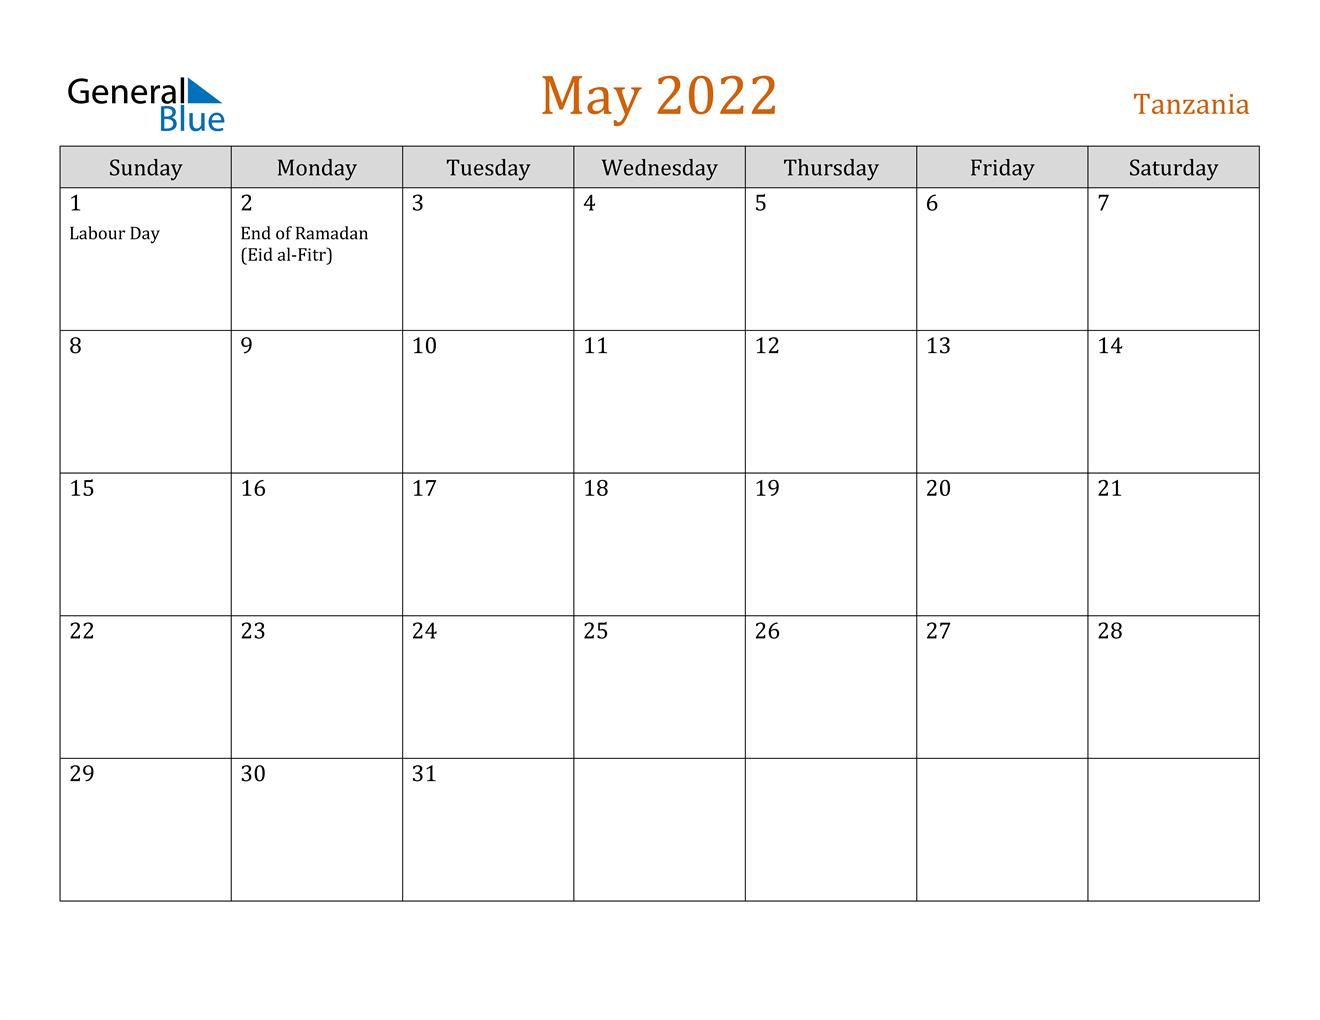 May 2022 Calendar - Tanzania